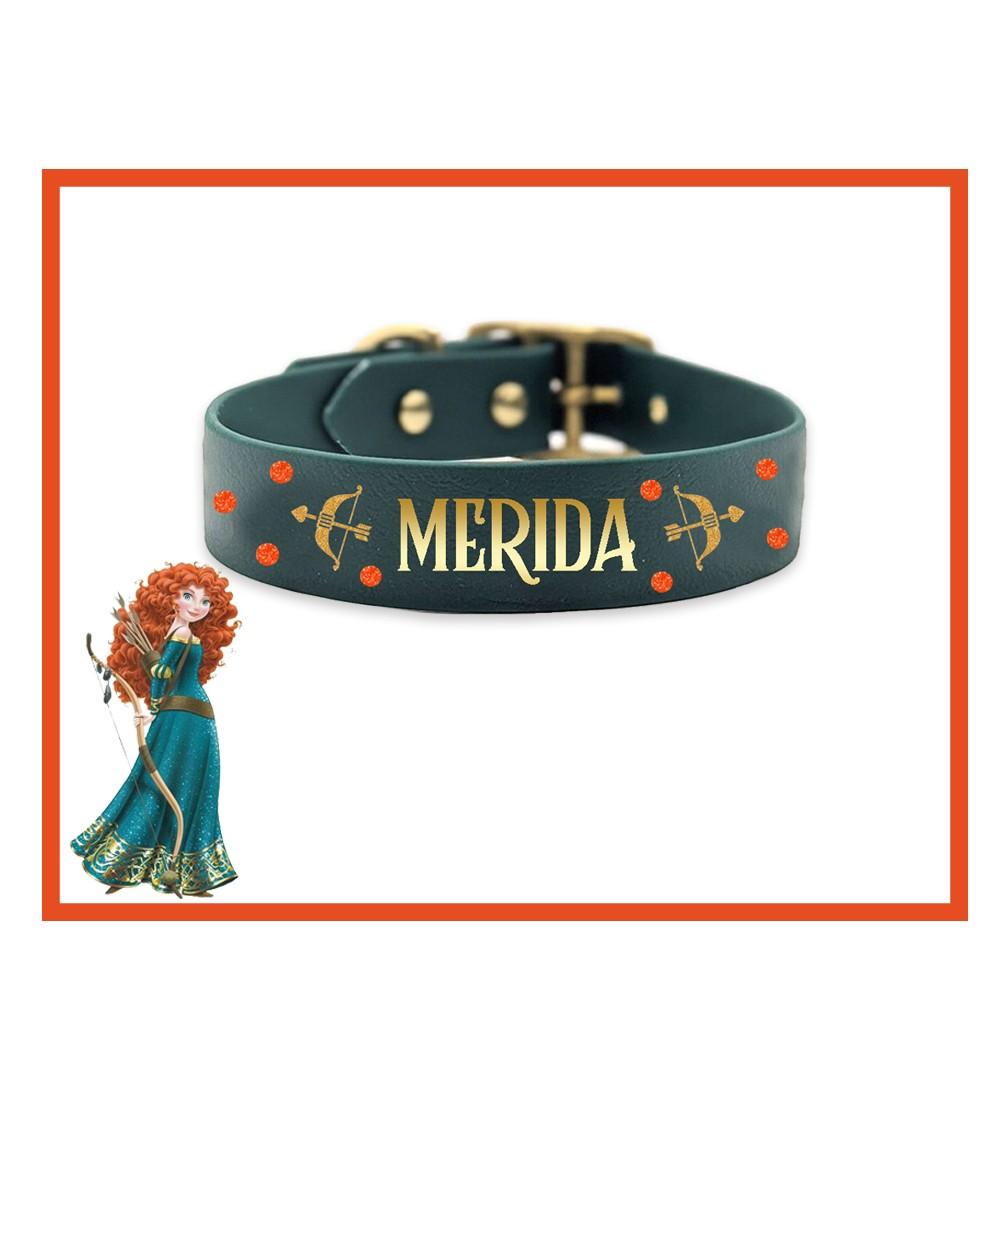 Collare personalizzato con nome per cani modello Merida